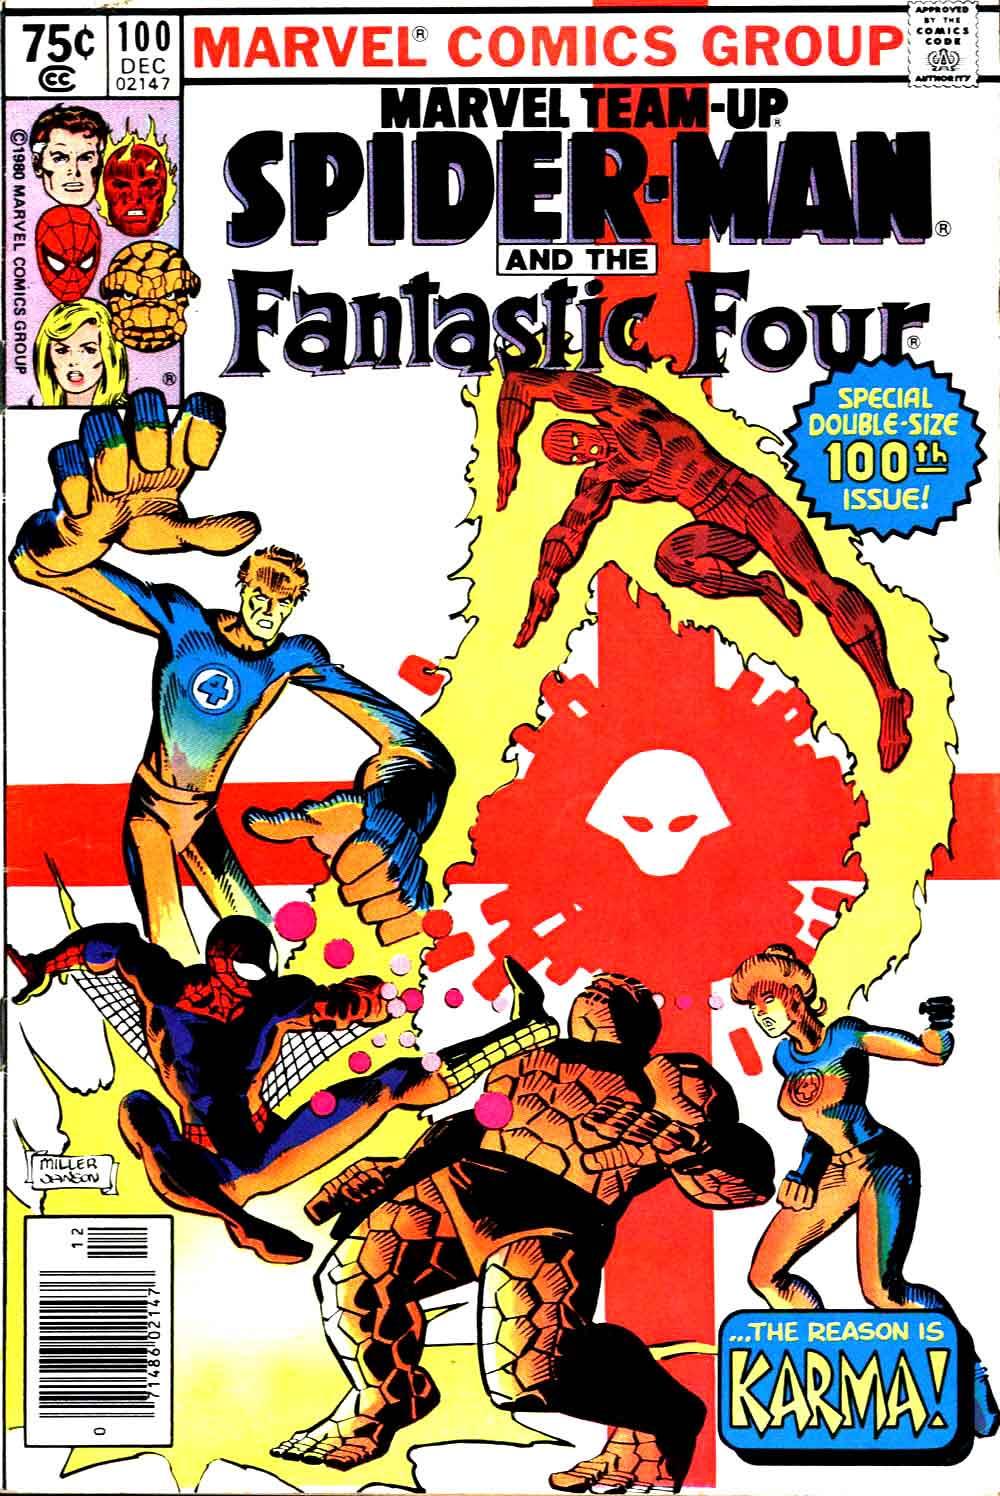 marvel-team-up-comics-volume-100-issues-v1-1972-1985-30715